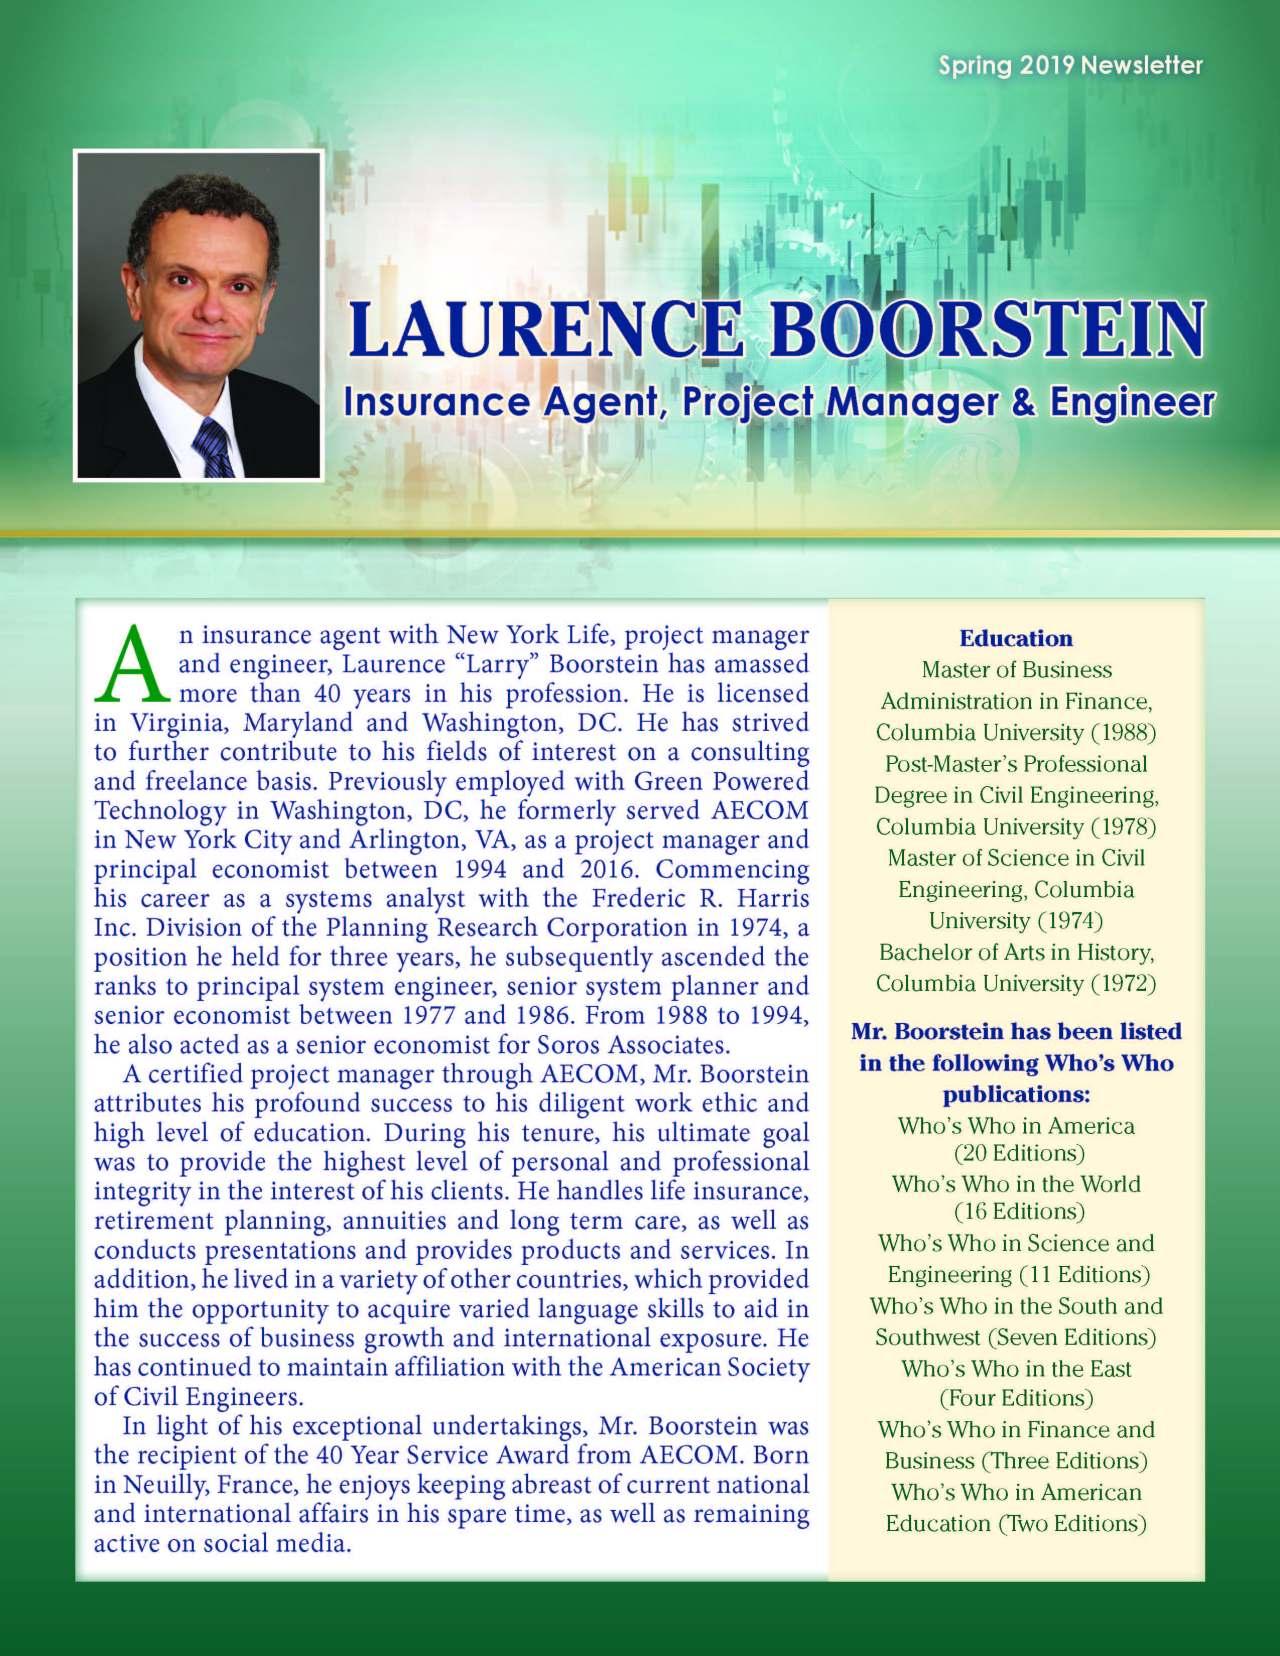 Boorstein, Laurence 2132567_6492128 Newsletter REVISED.jpg